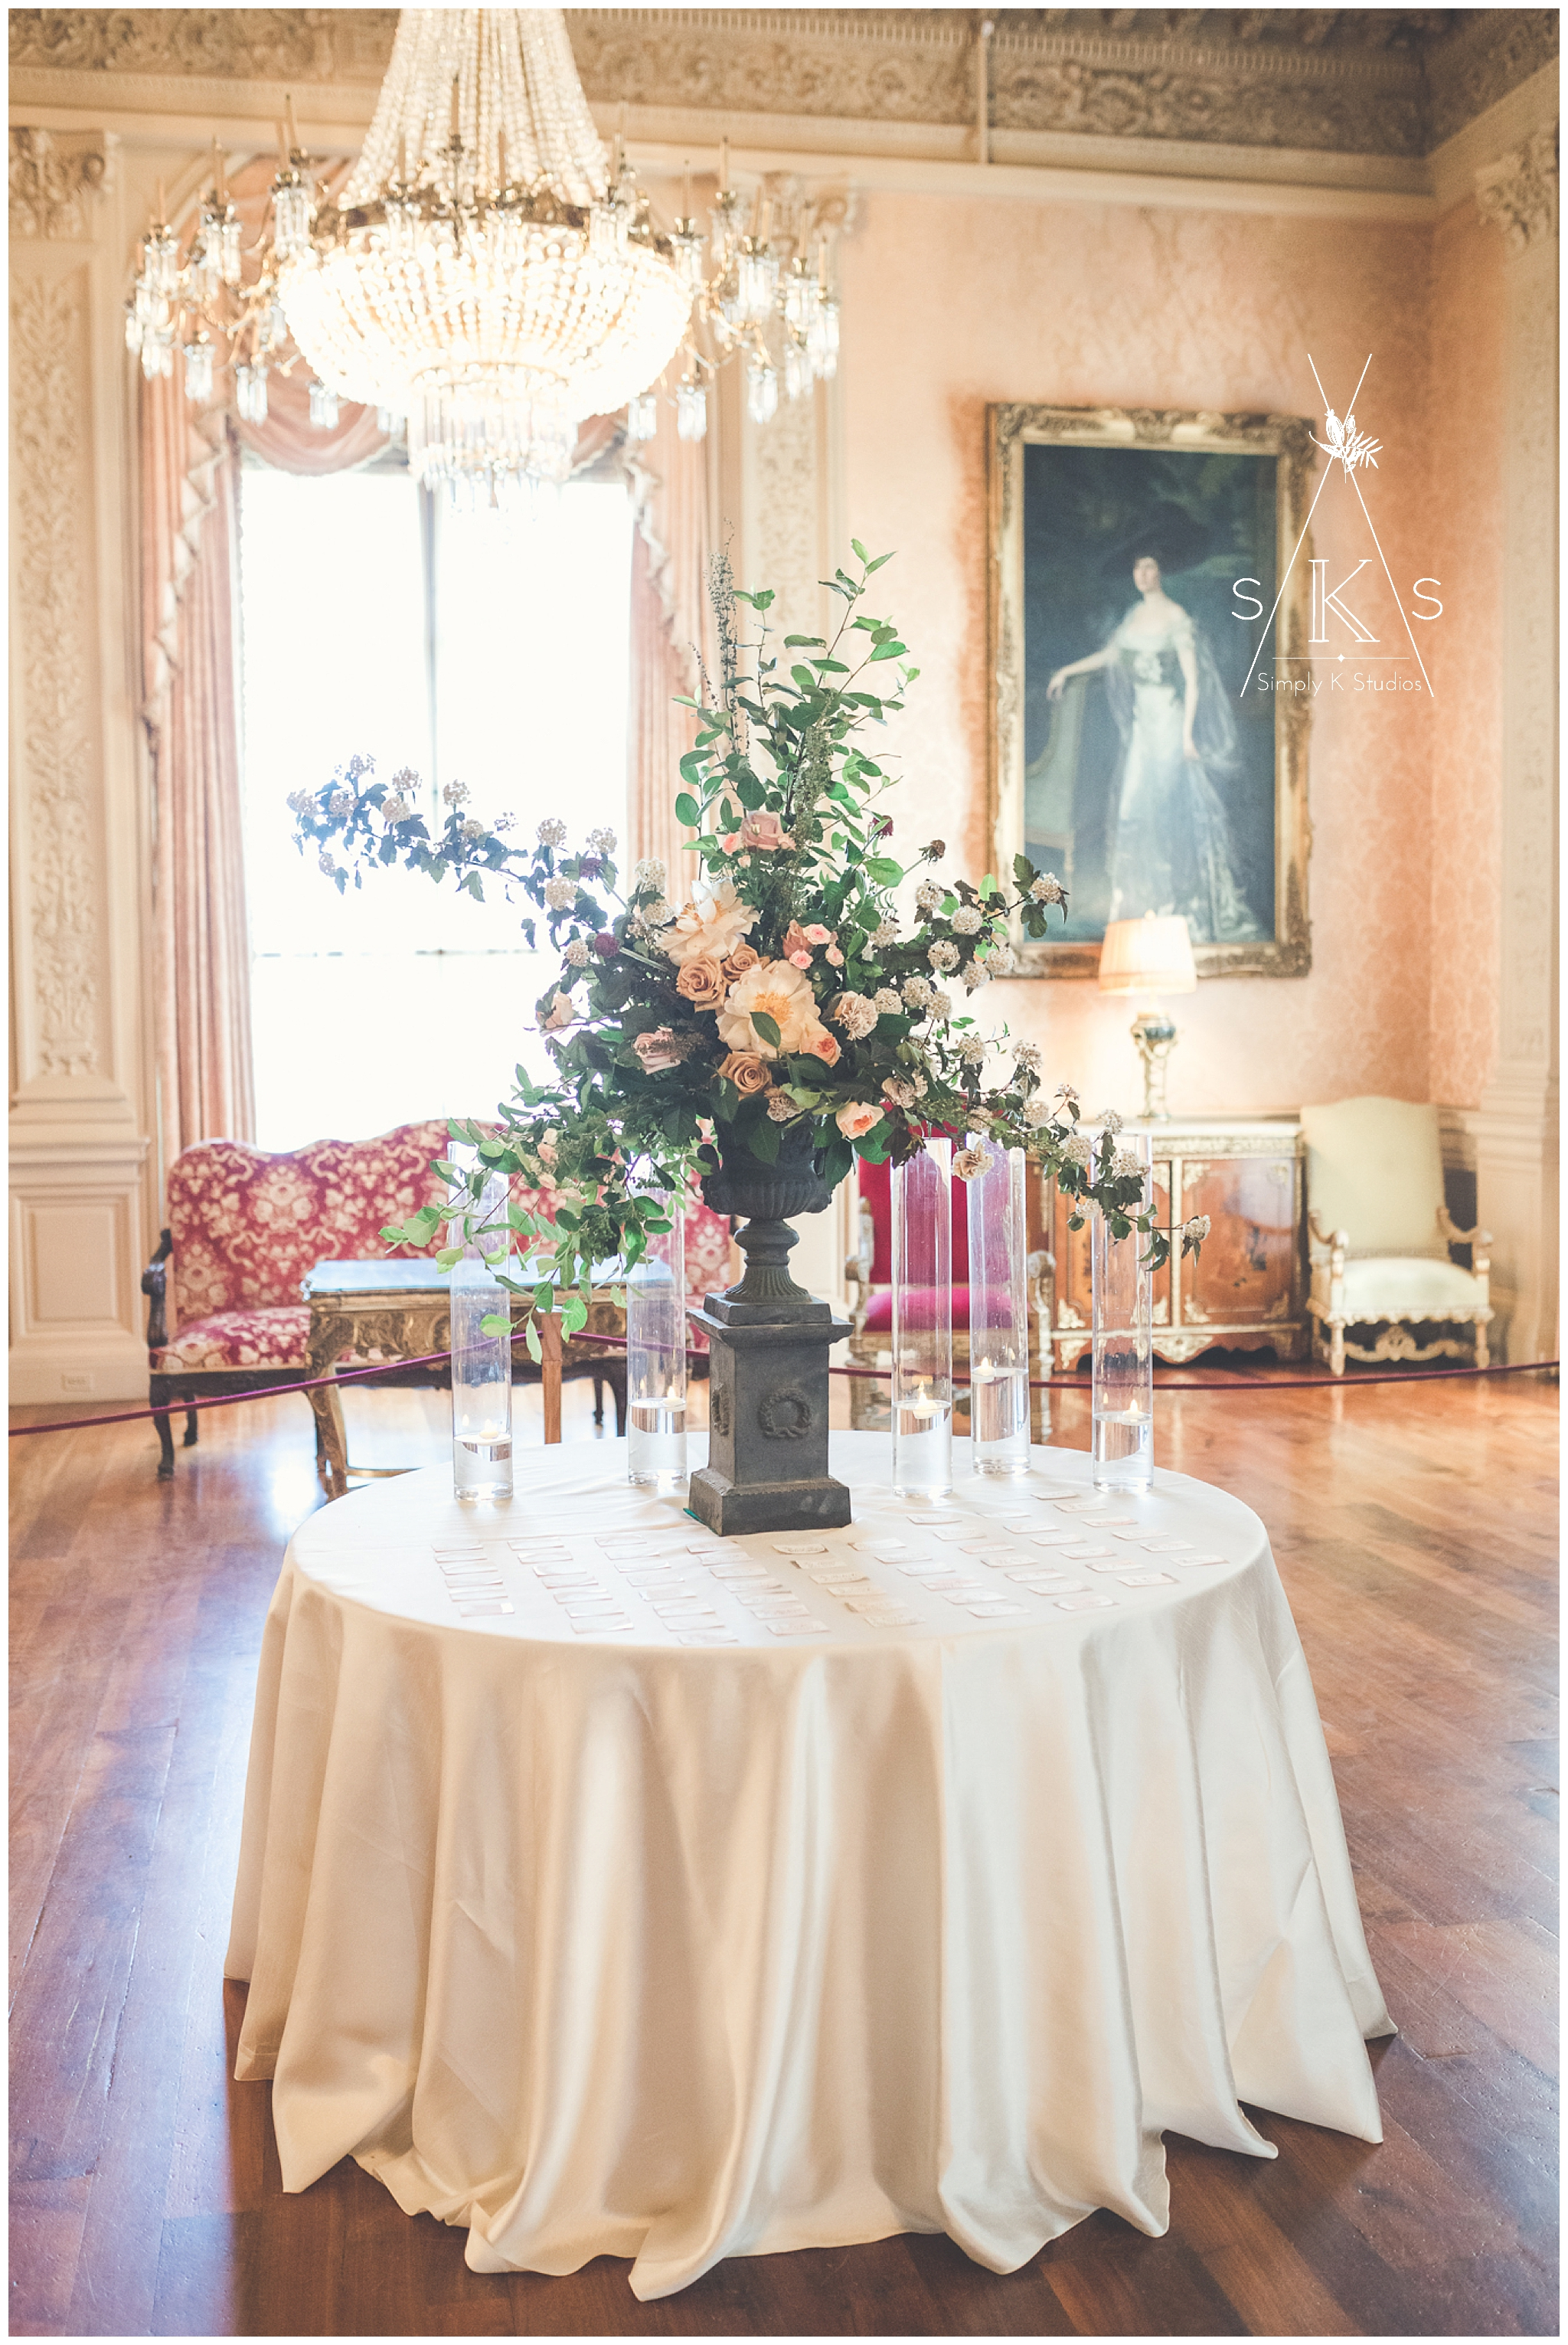 Florist Design at Rosecliff Mansion